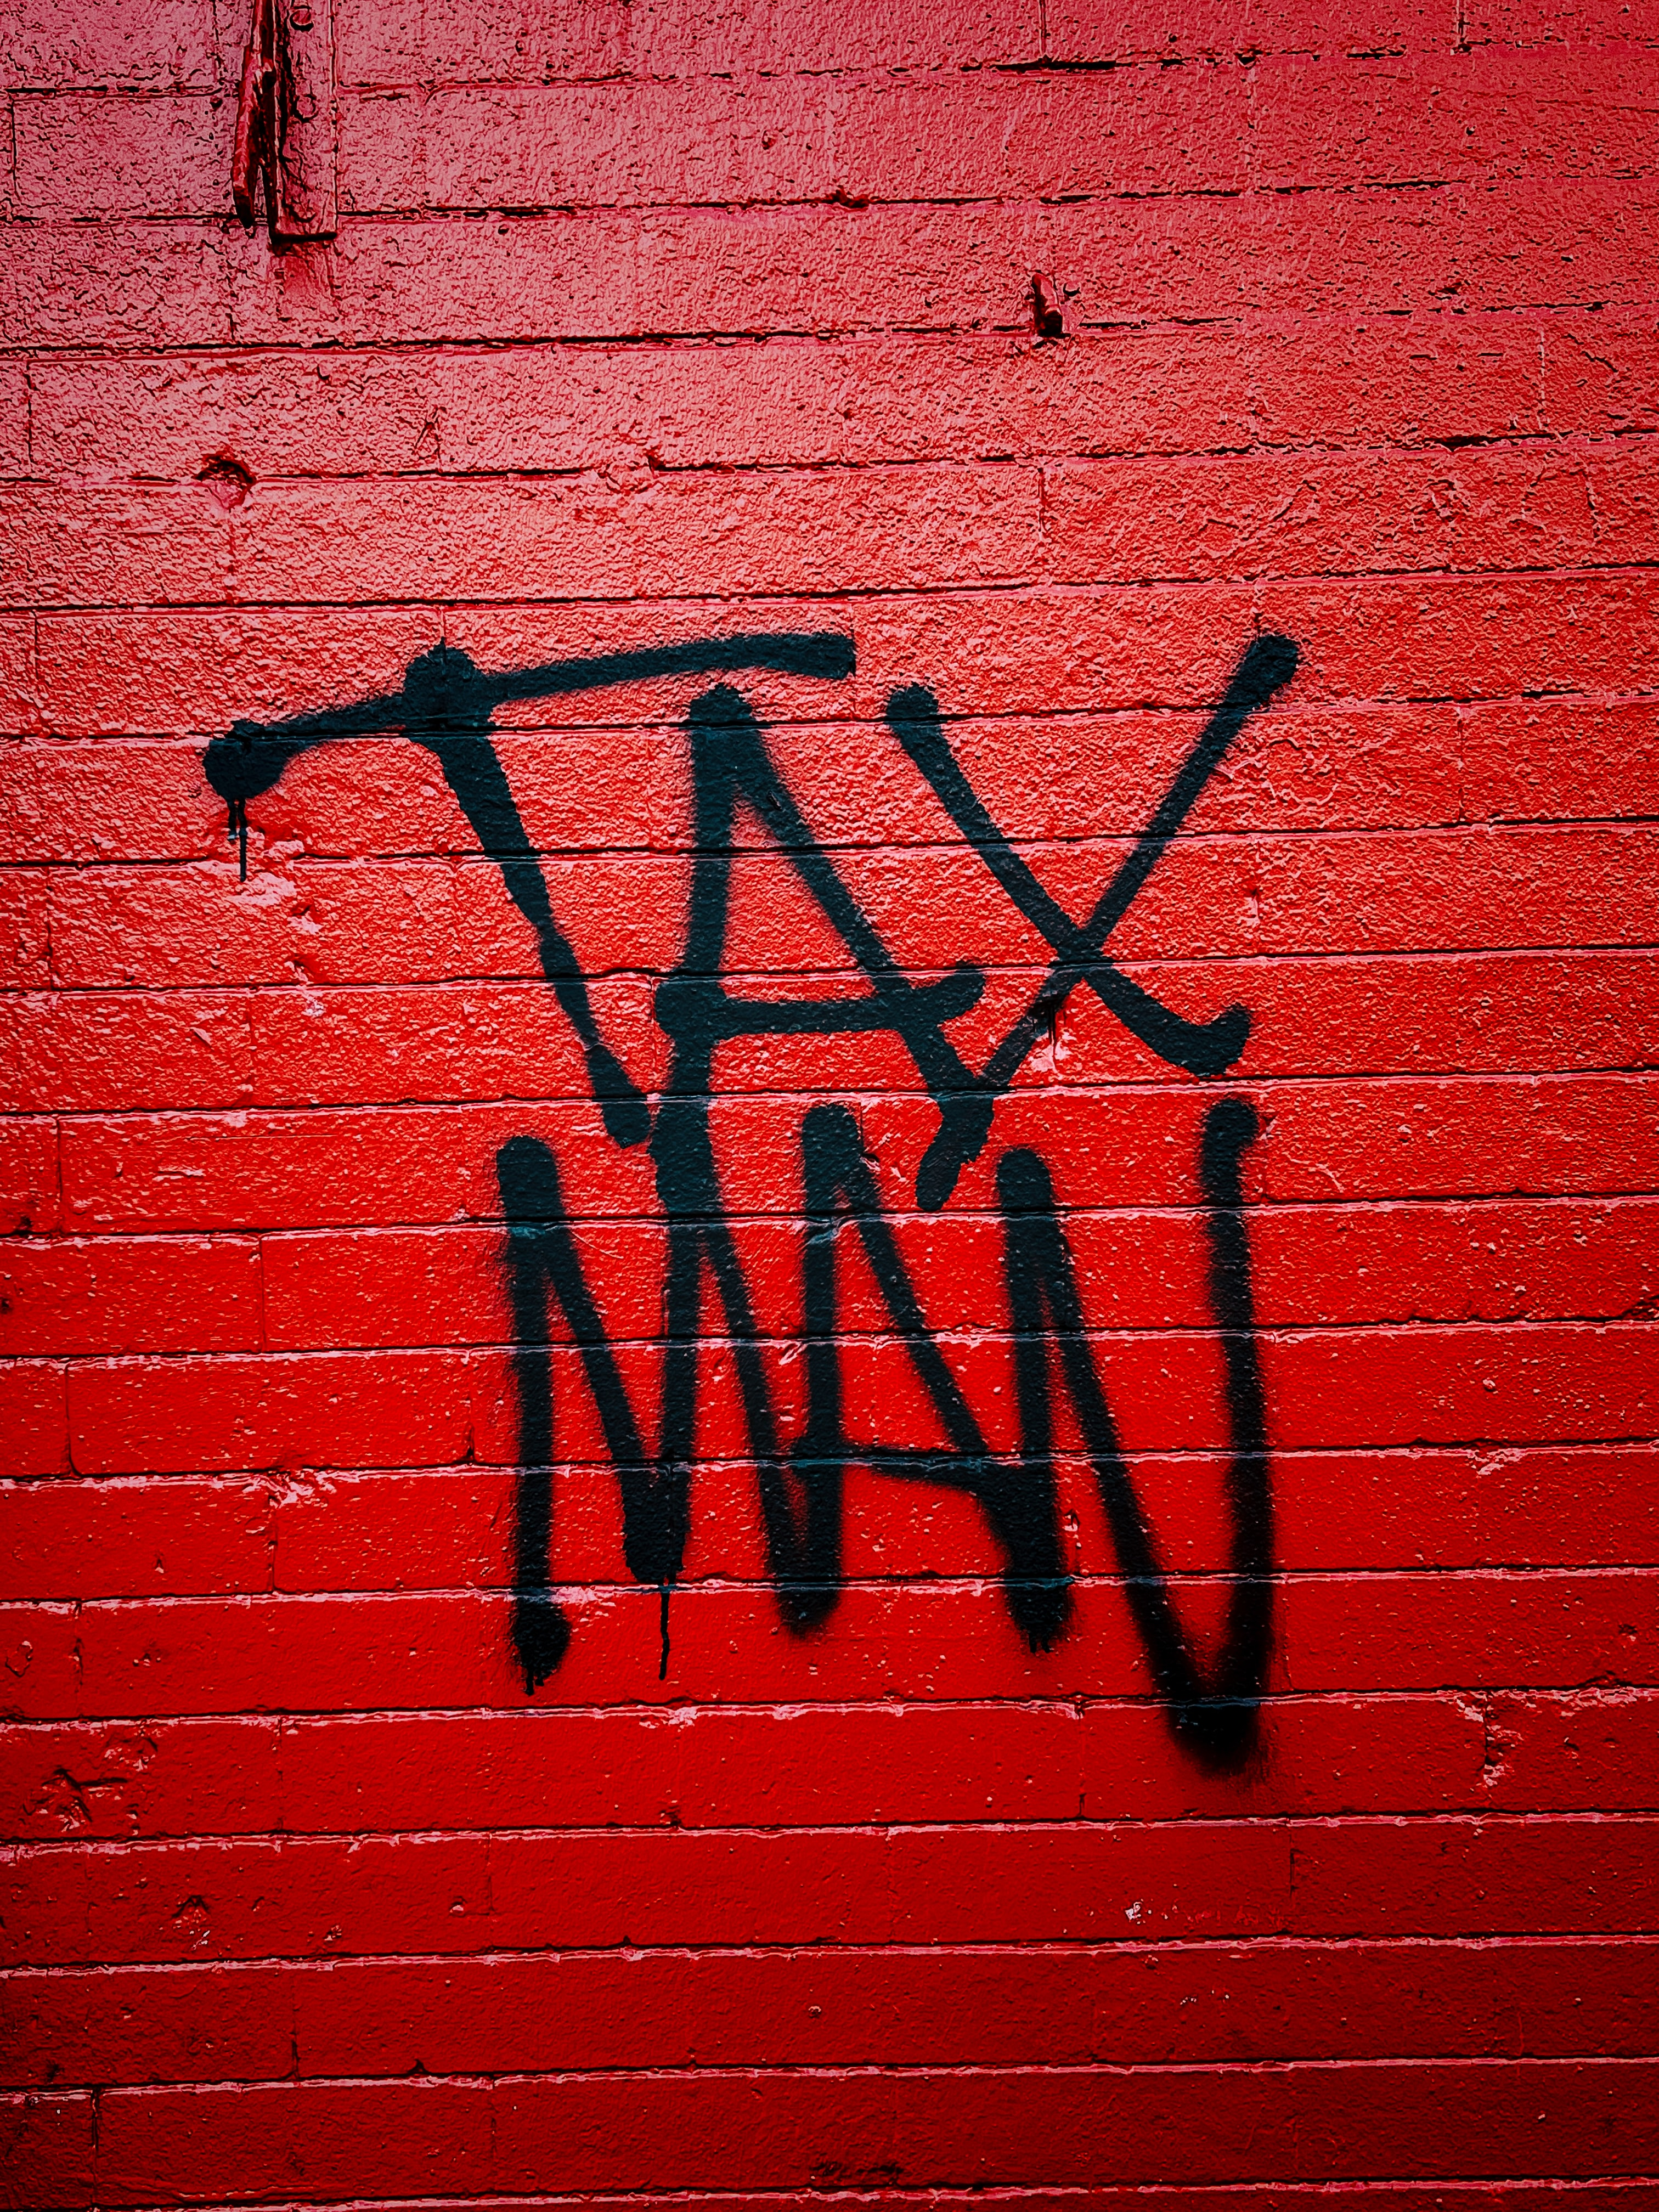 taxMan-unsplash.jpg